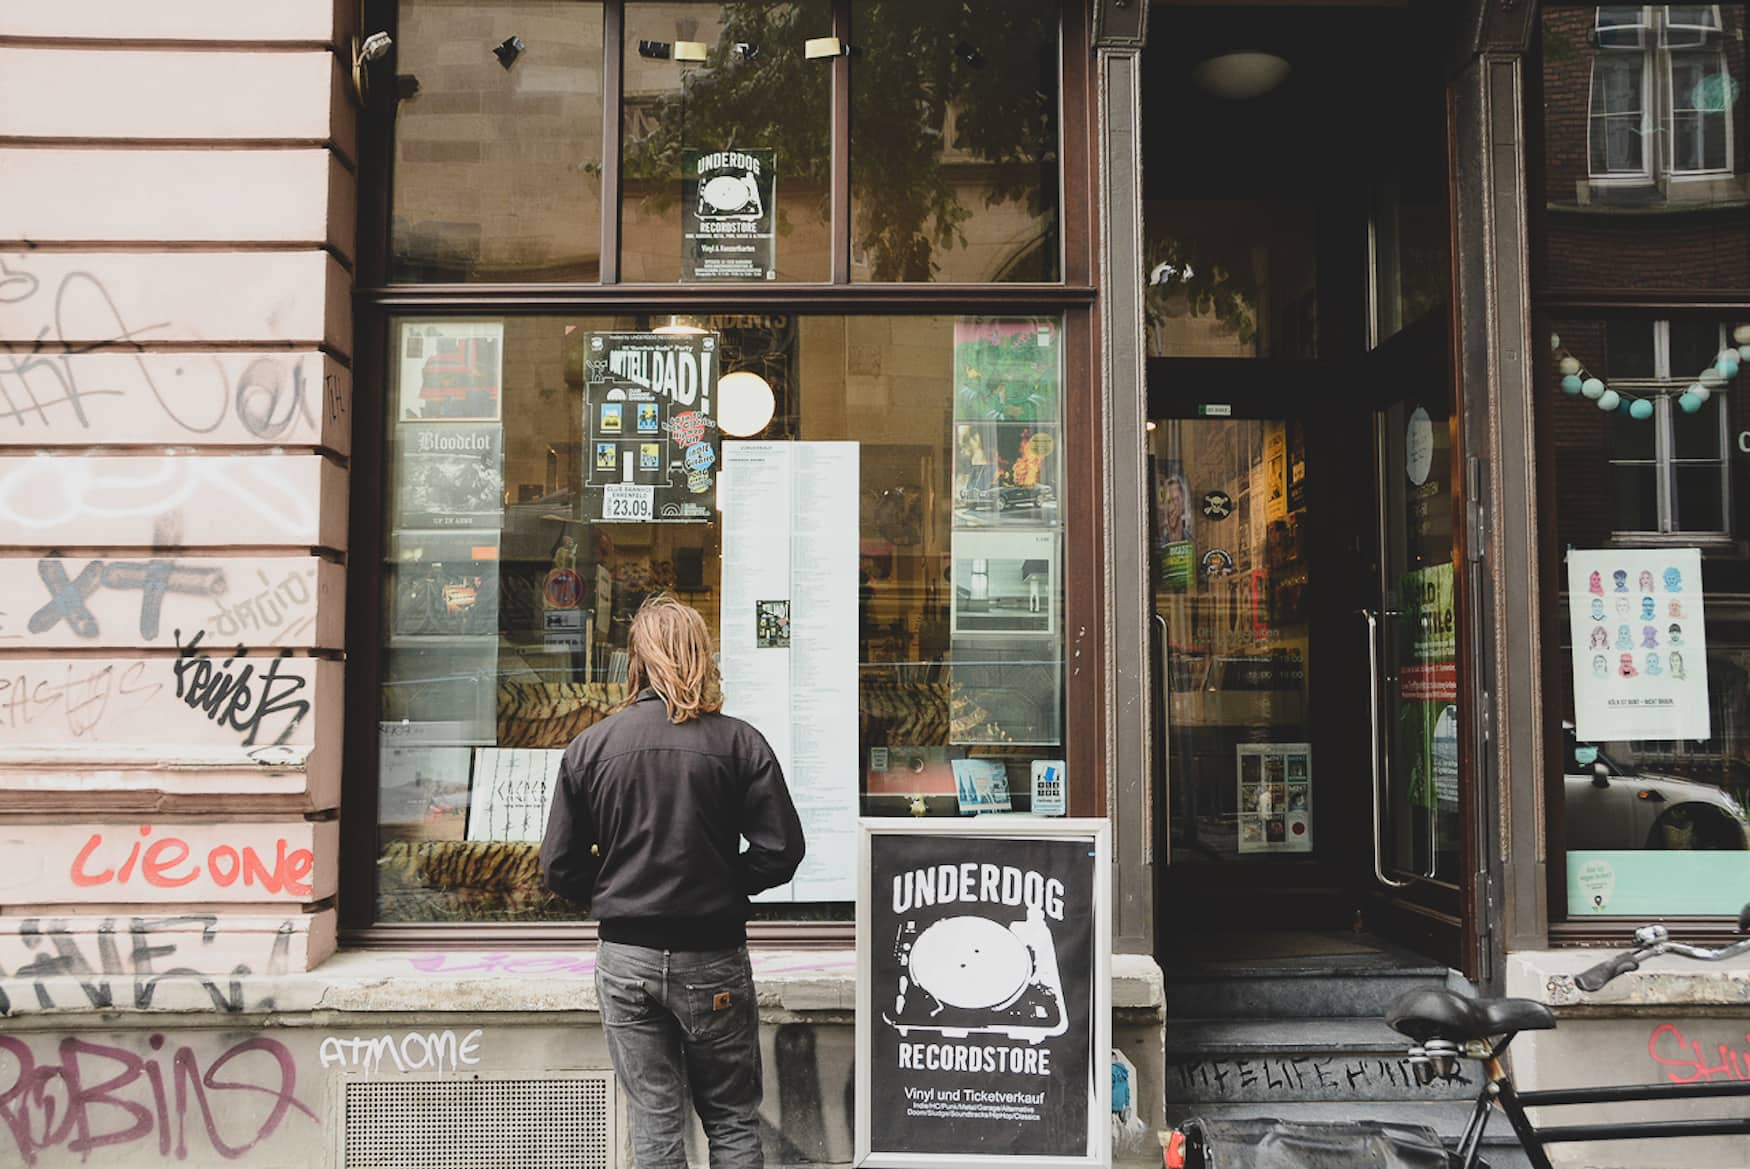 Mann steht vor Underdog Schallplattenladen in Köln und betrachtet das Schaufenster